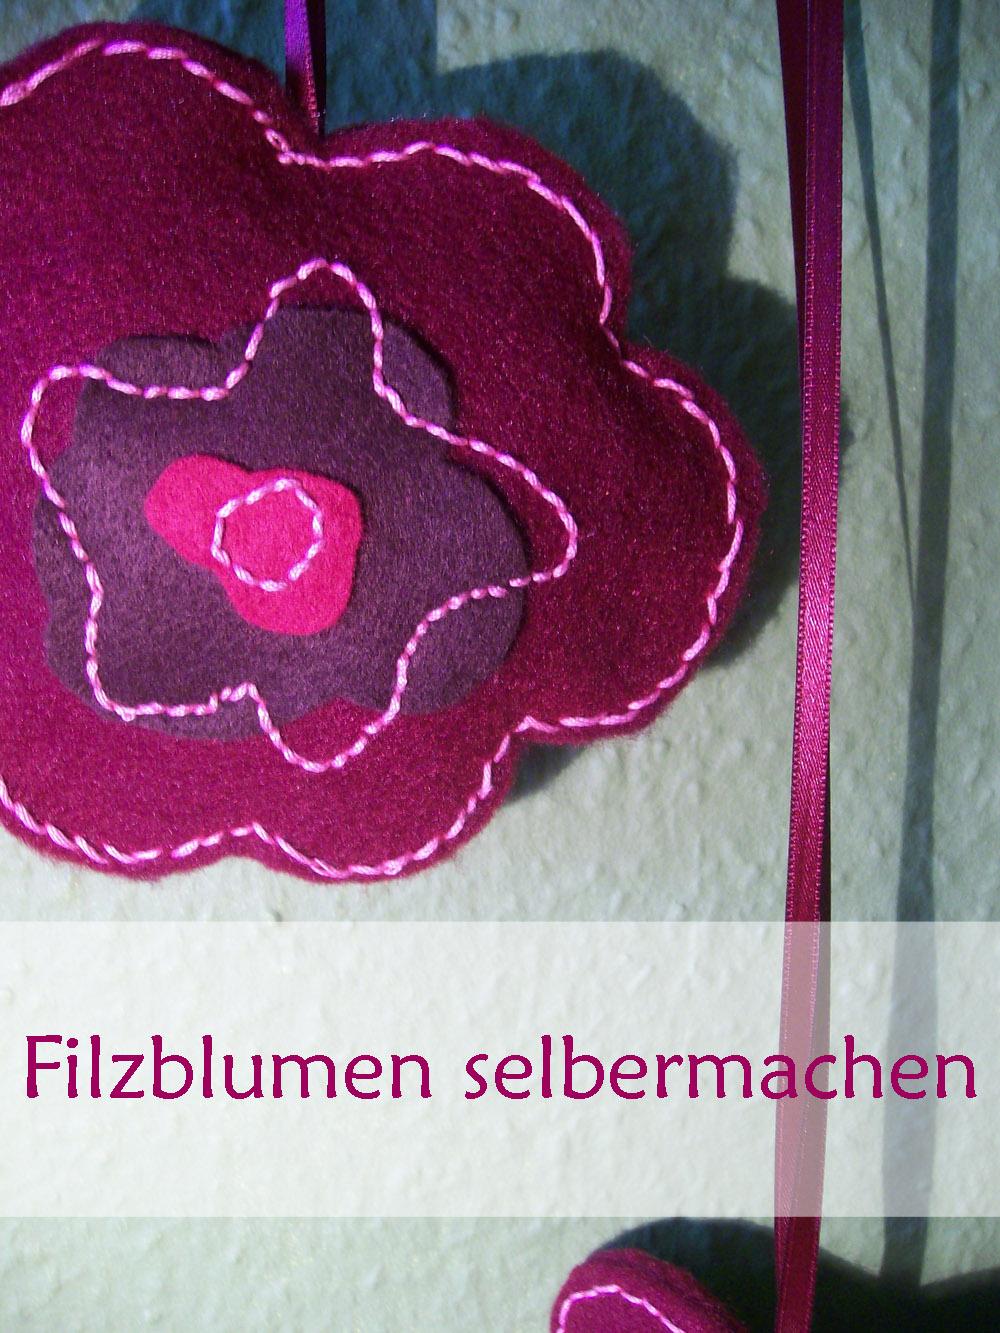 filzblumen selbermachen